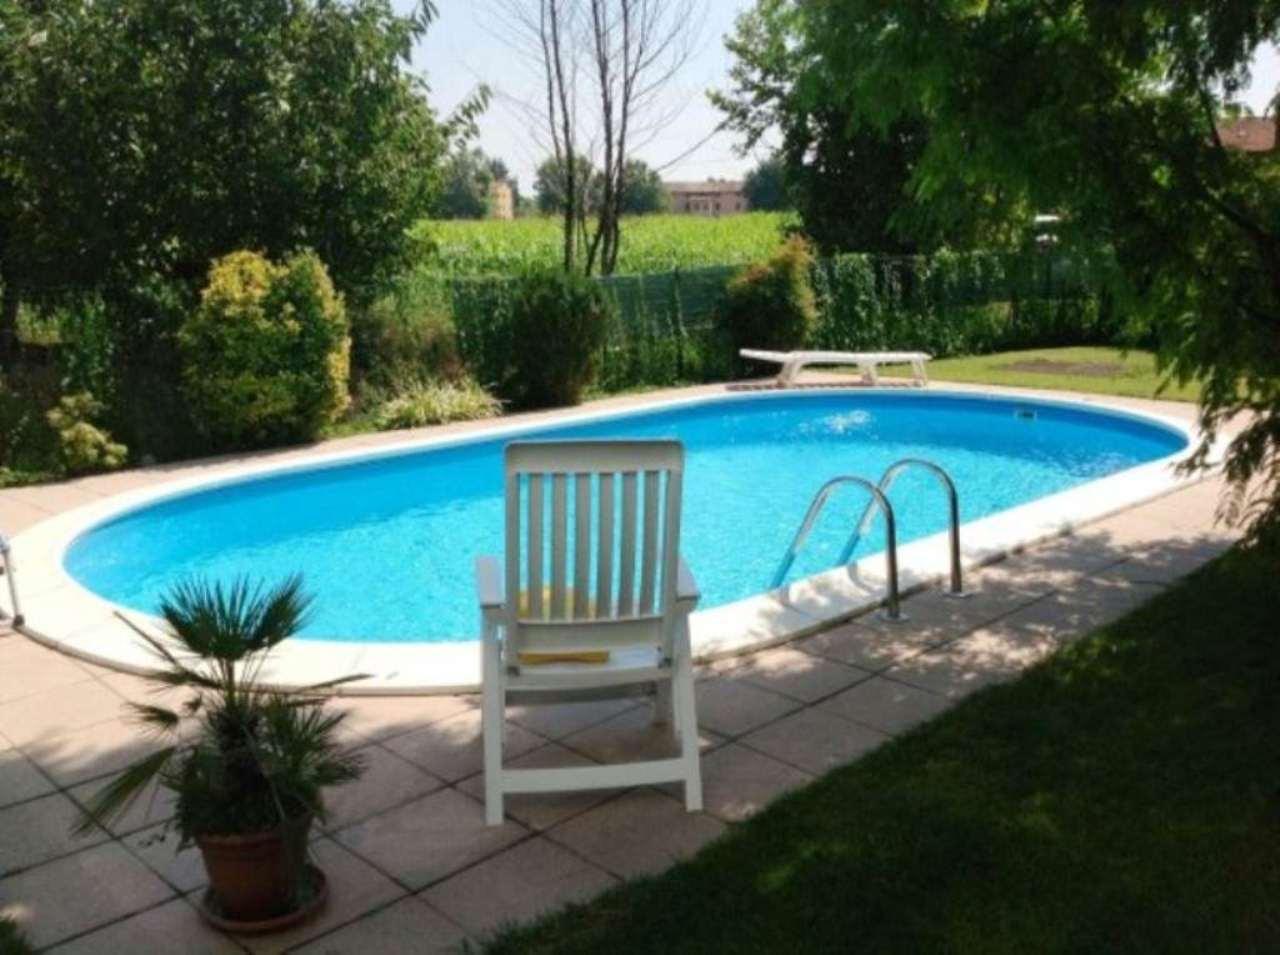 Villa in vendita a Caravaggio, 5 locali, prezzo € 215.000   Cambio Casa.it